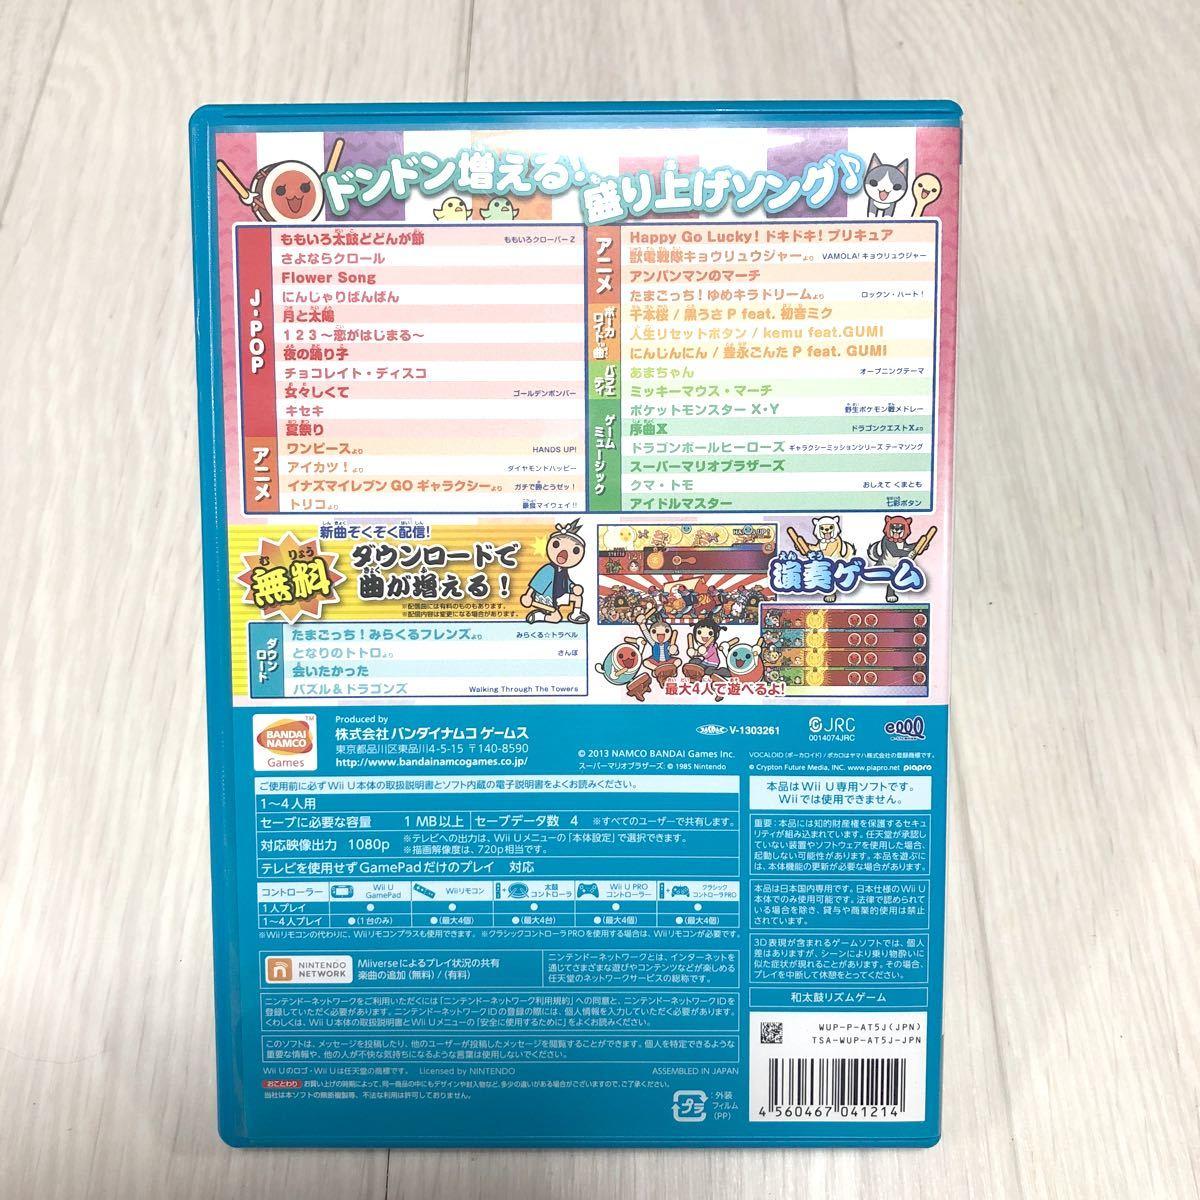 Wii U 太鼓の達人 Wii Uばーじょん![ソフト単品版]